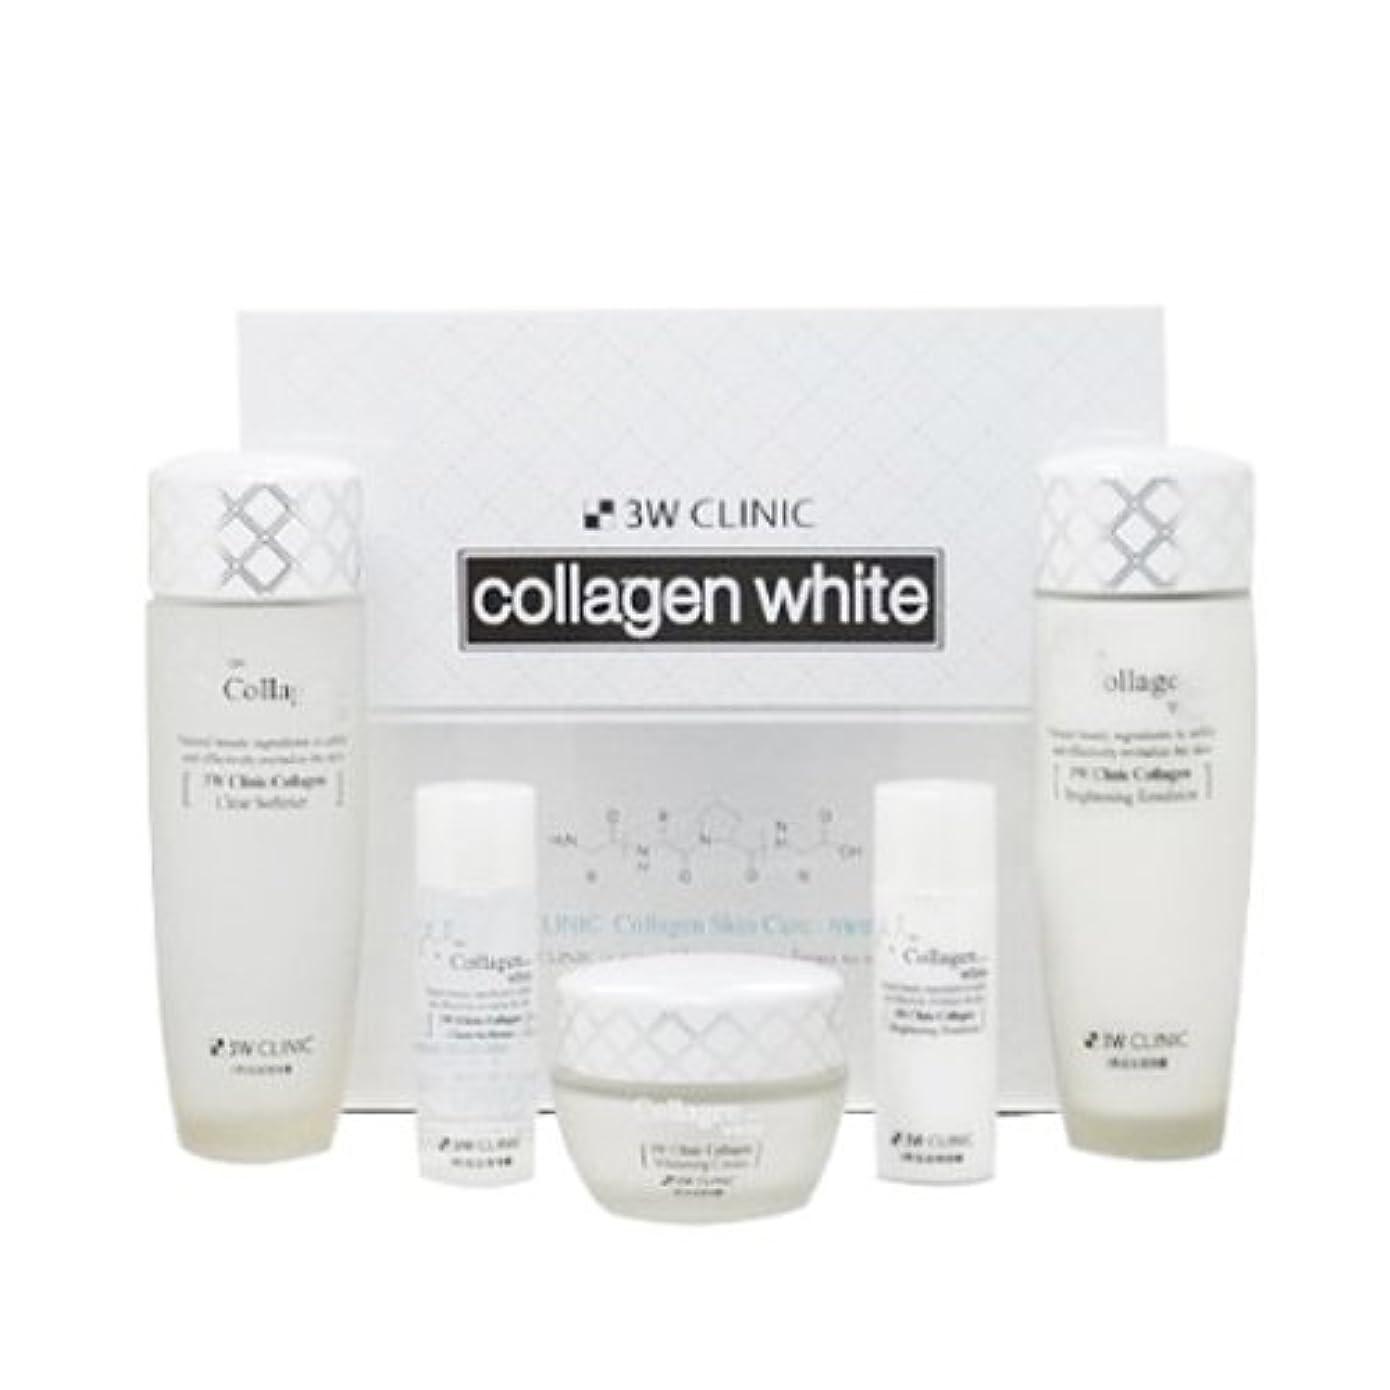 先祖優遇飛躍3Wクリニック[韓国コスメ3w Clinic]Collagen White Skin Care コラーゲンホワイトスキンケア3セット樹液,乳液,クリーム [並行輸入品]